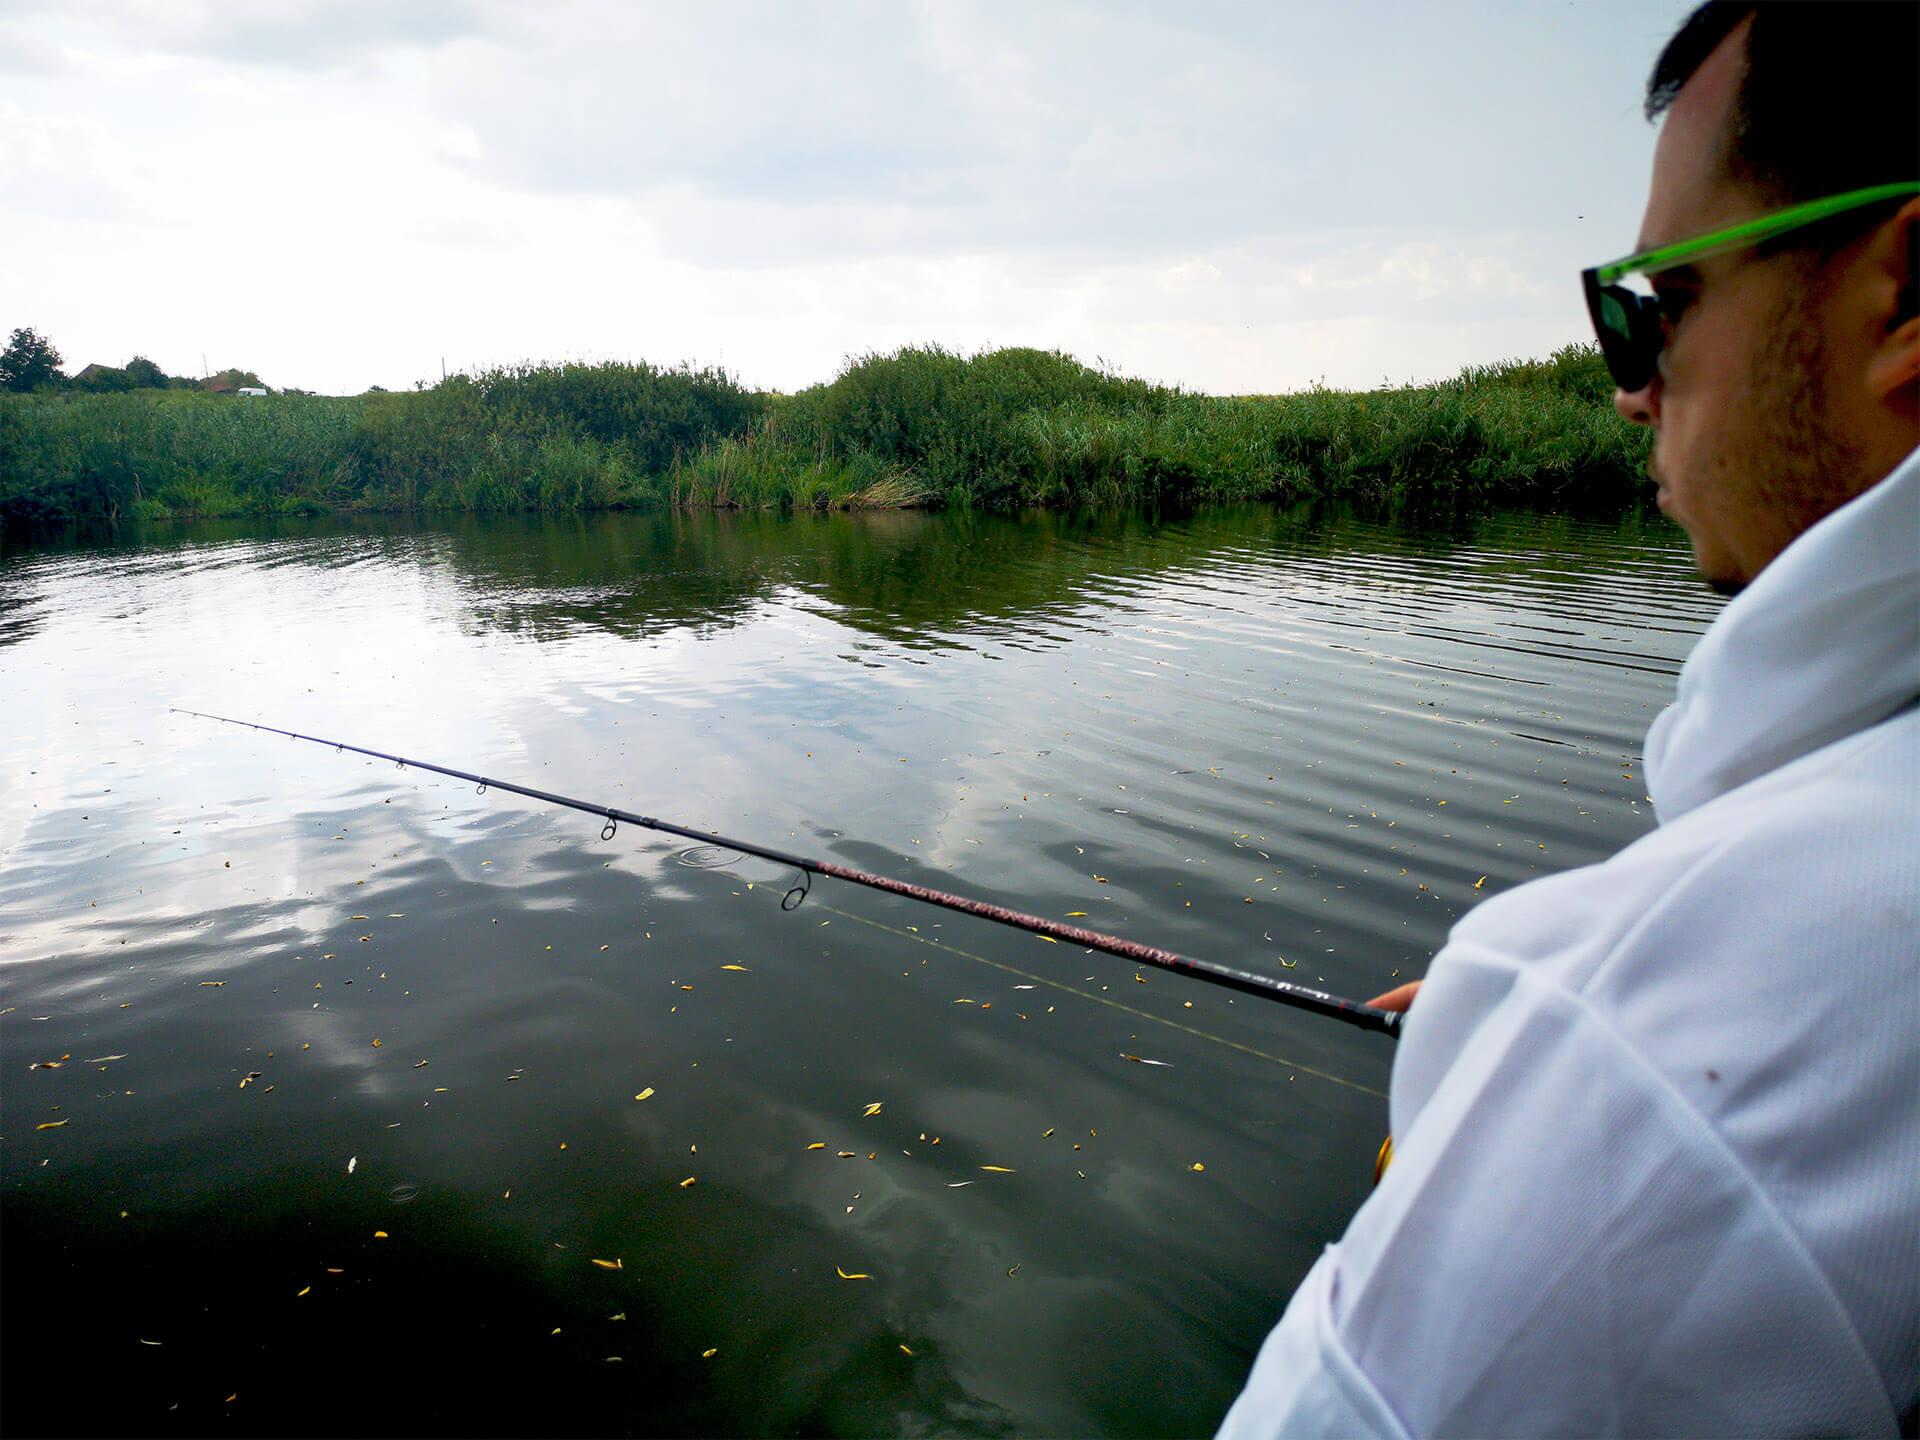 Lanseta pescuit la stiuca pe lac nou